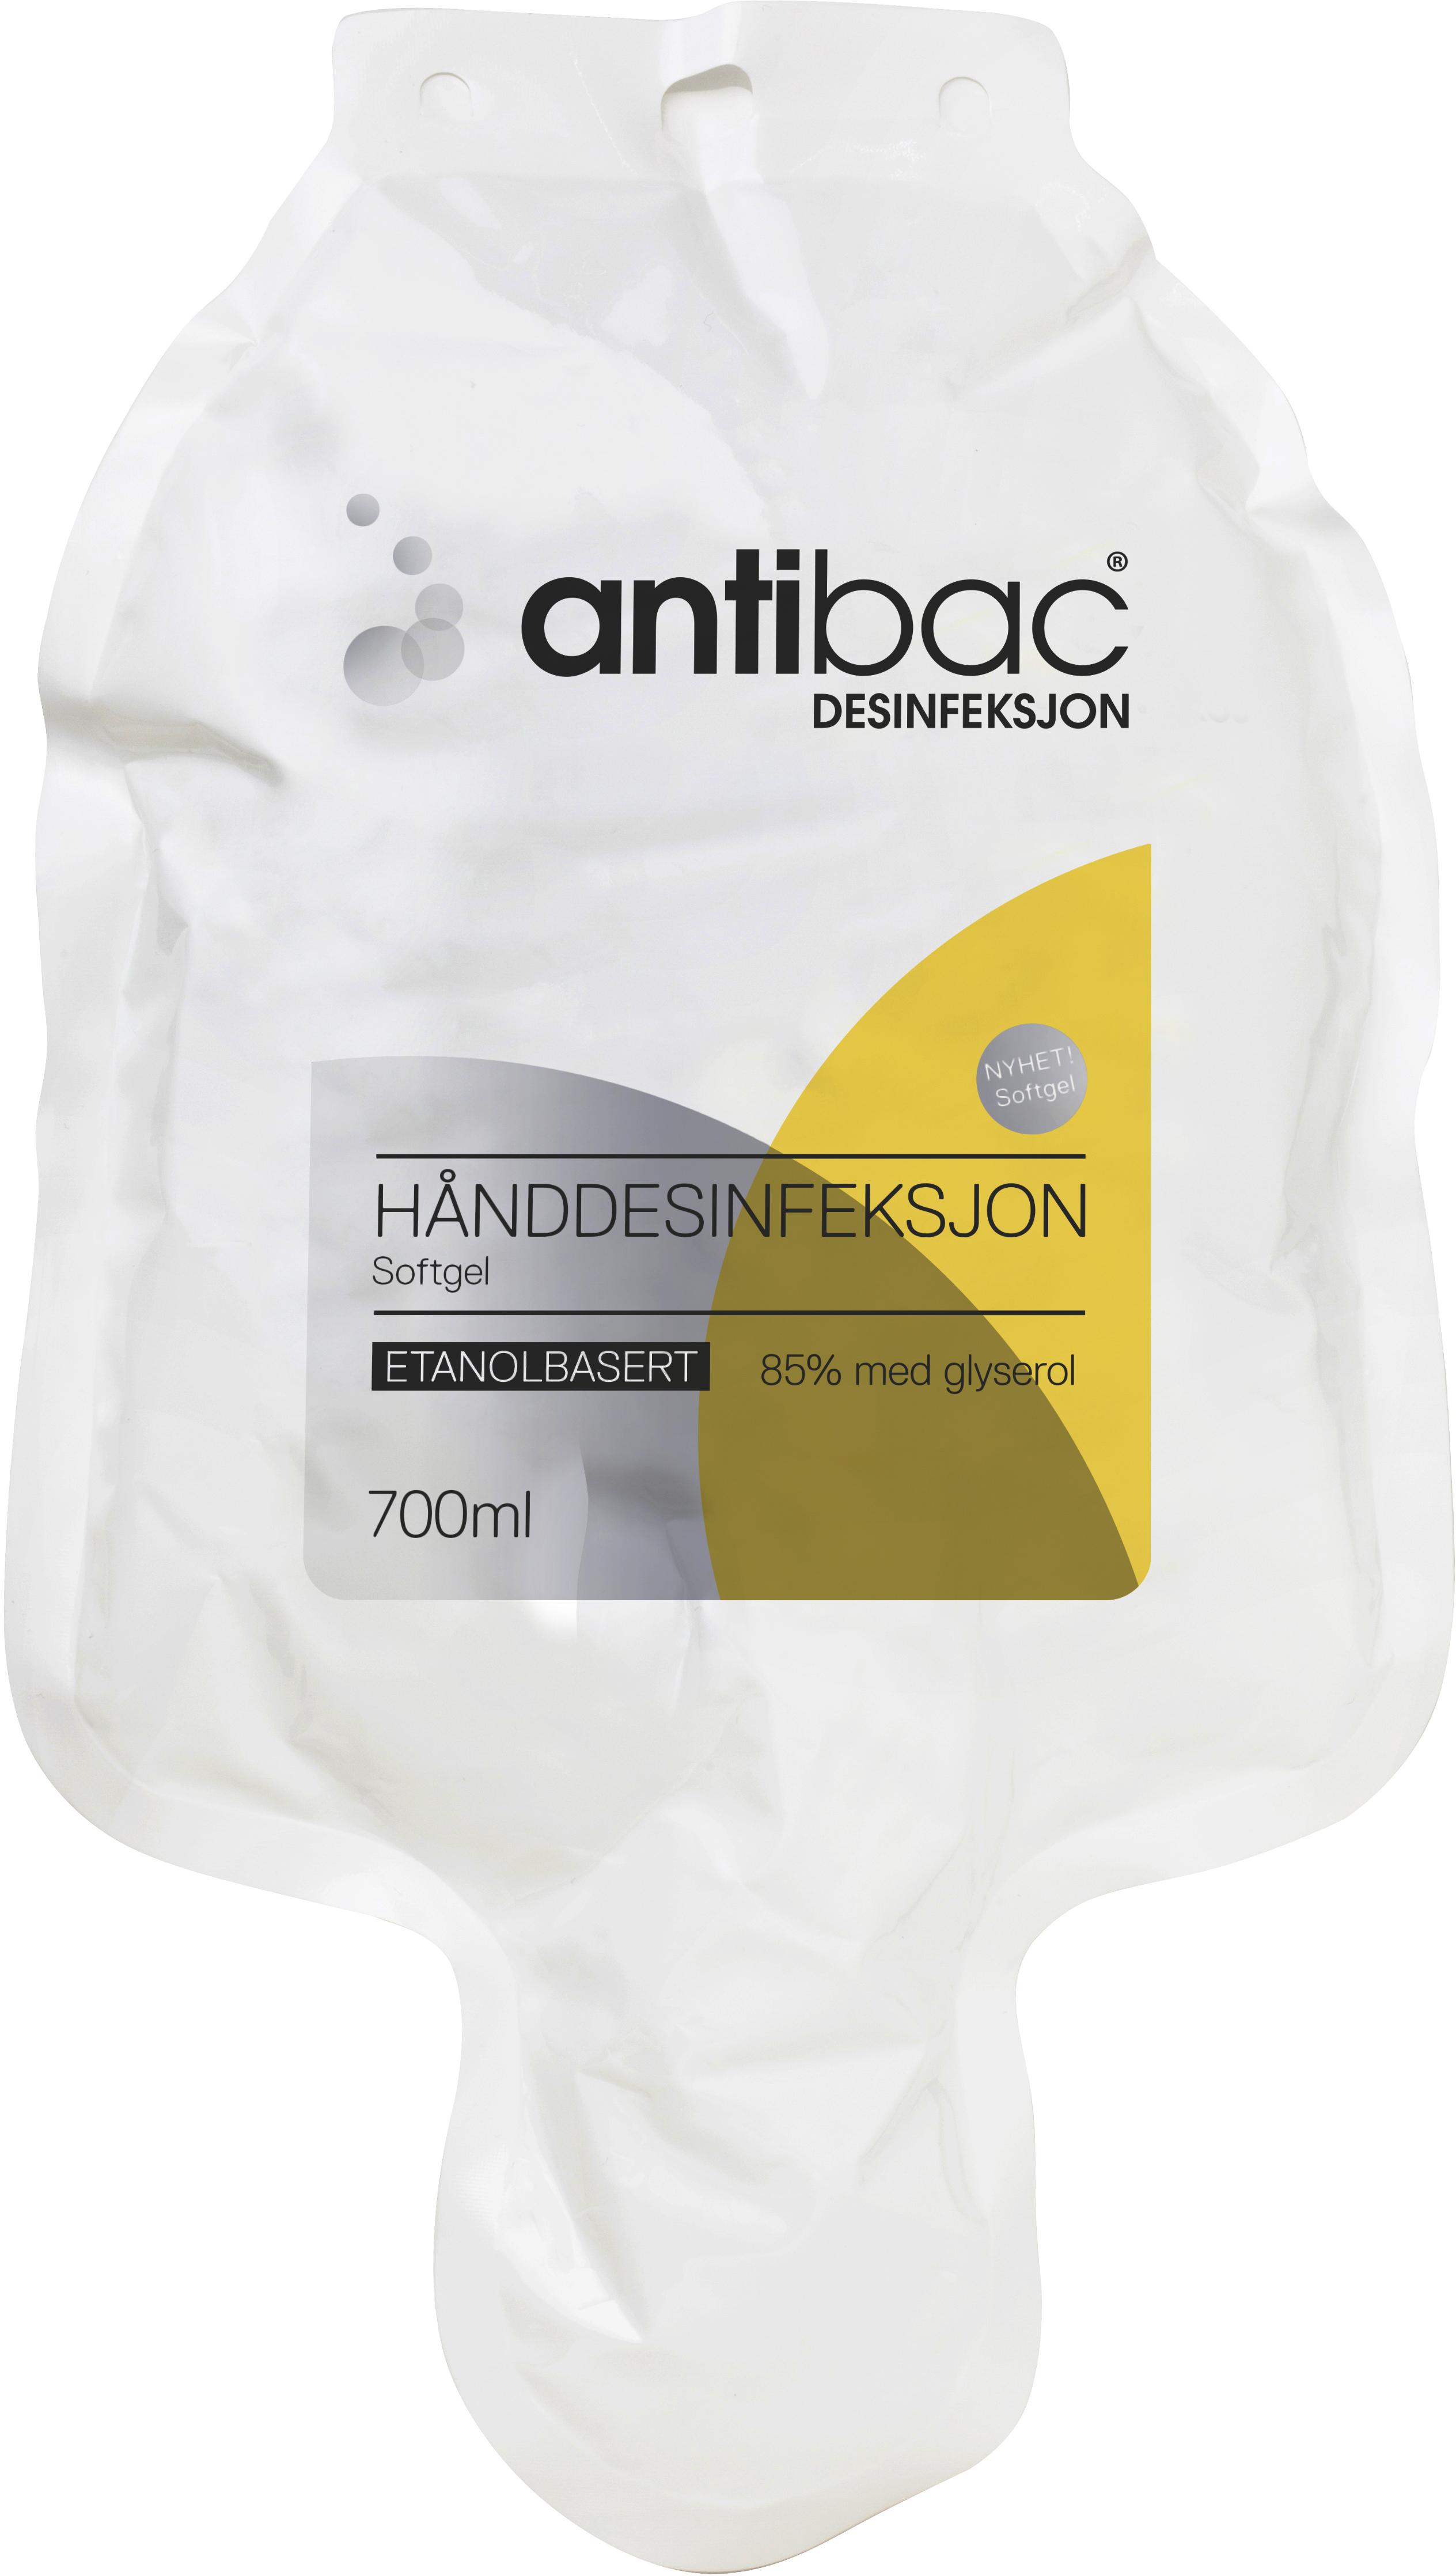 Hånddesinfeksjon Antibac 85% Softgel softbag 700ml